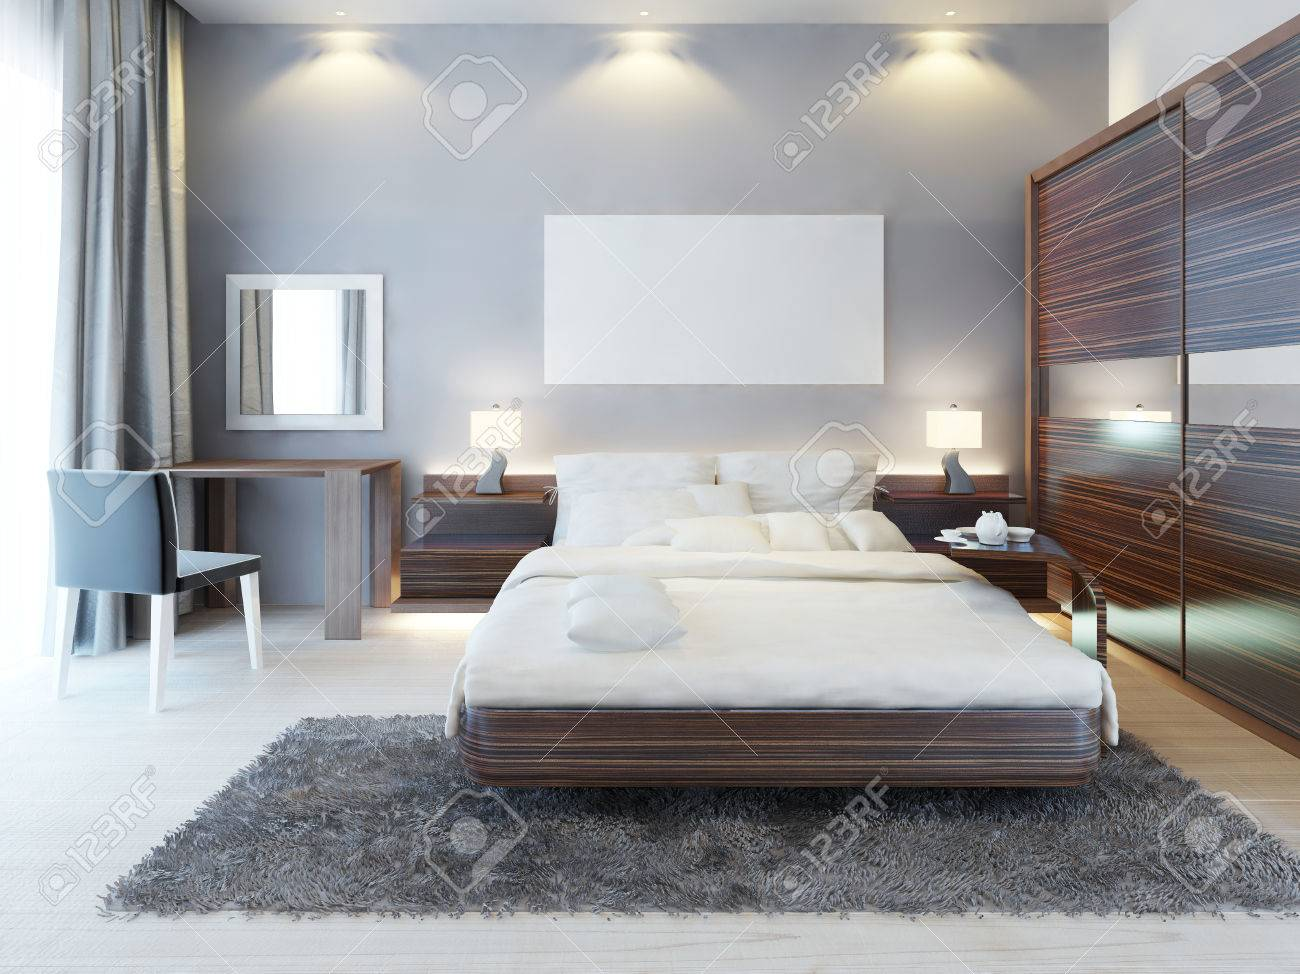 Frontansicht Des Schlafzimmer In Einem Modernen Stil. Ein Großes ...